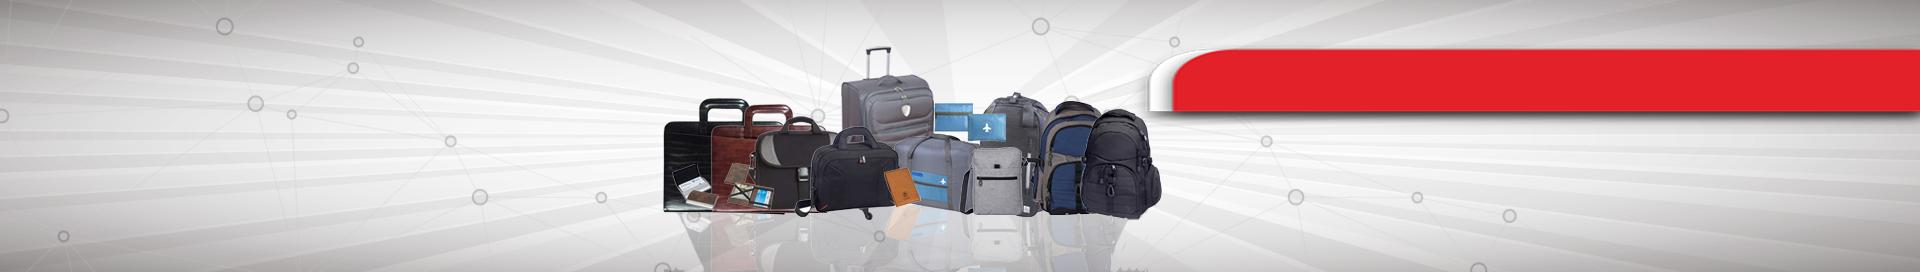 תיקים, מזוודות ונרתיקים